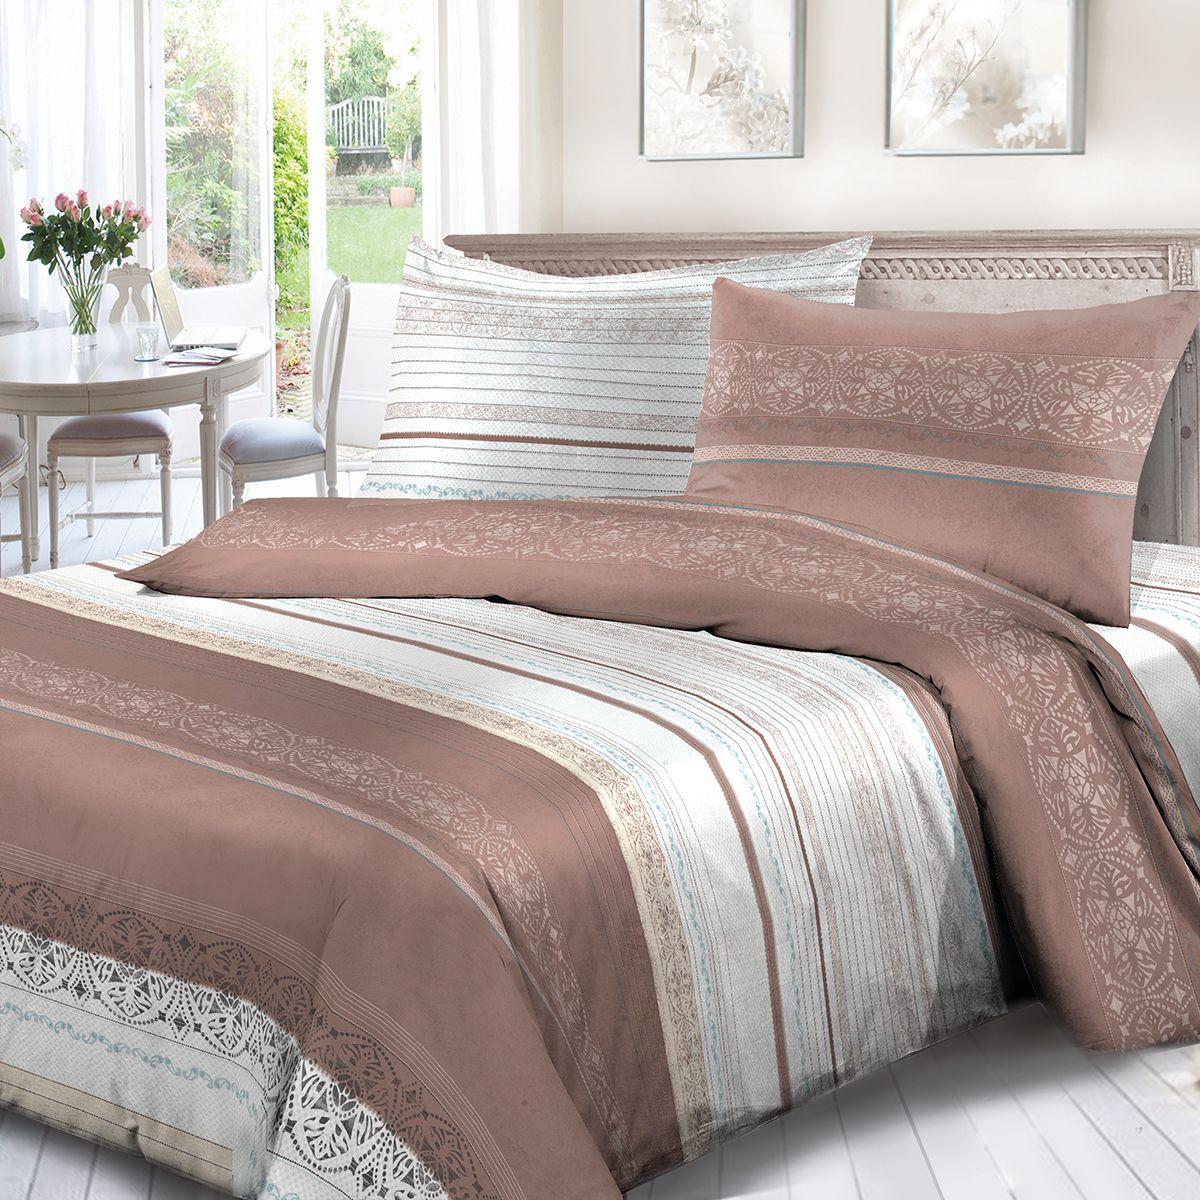 Комплект белья Сорренто Кофе с молоком, 1,5 спальное, наволочки 70x70, цвет: коричневый. 1716-189090